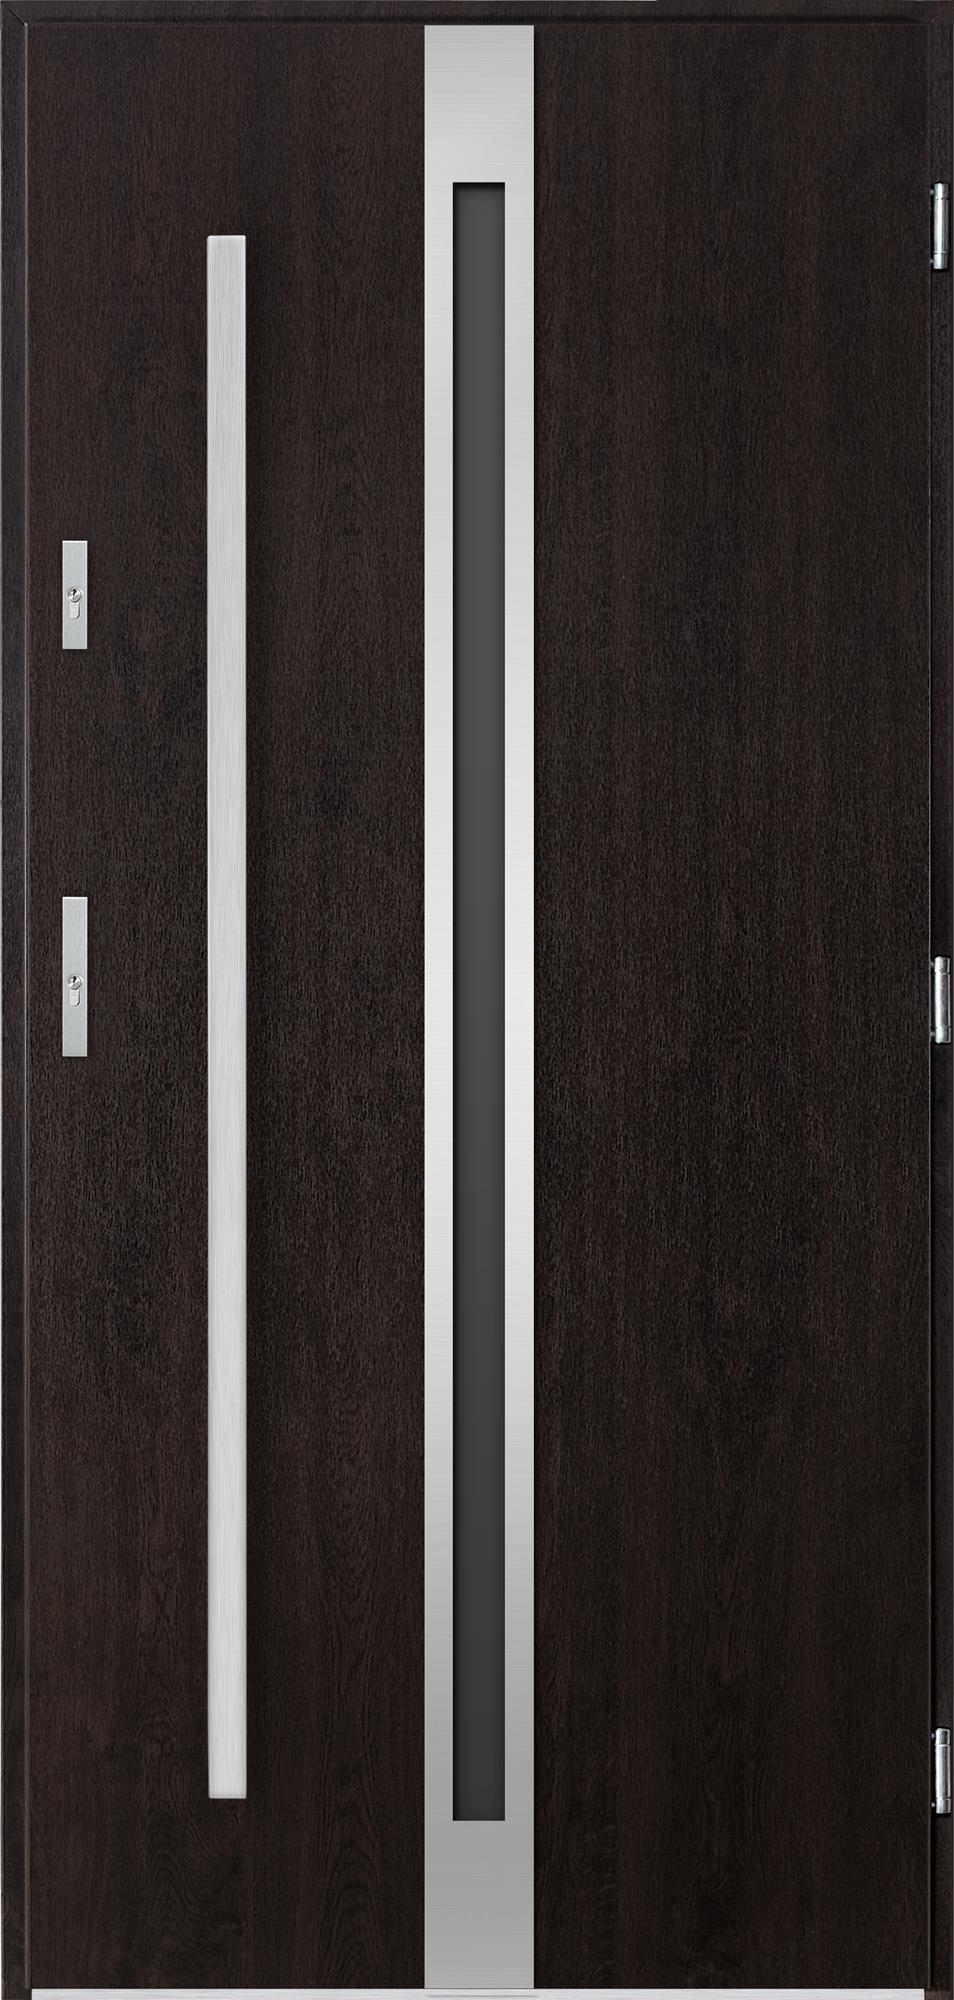 Venkovní vchodové dveøe Linea, wenge